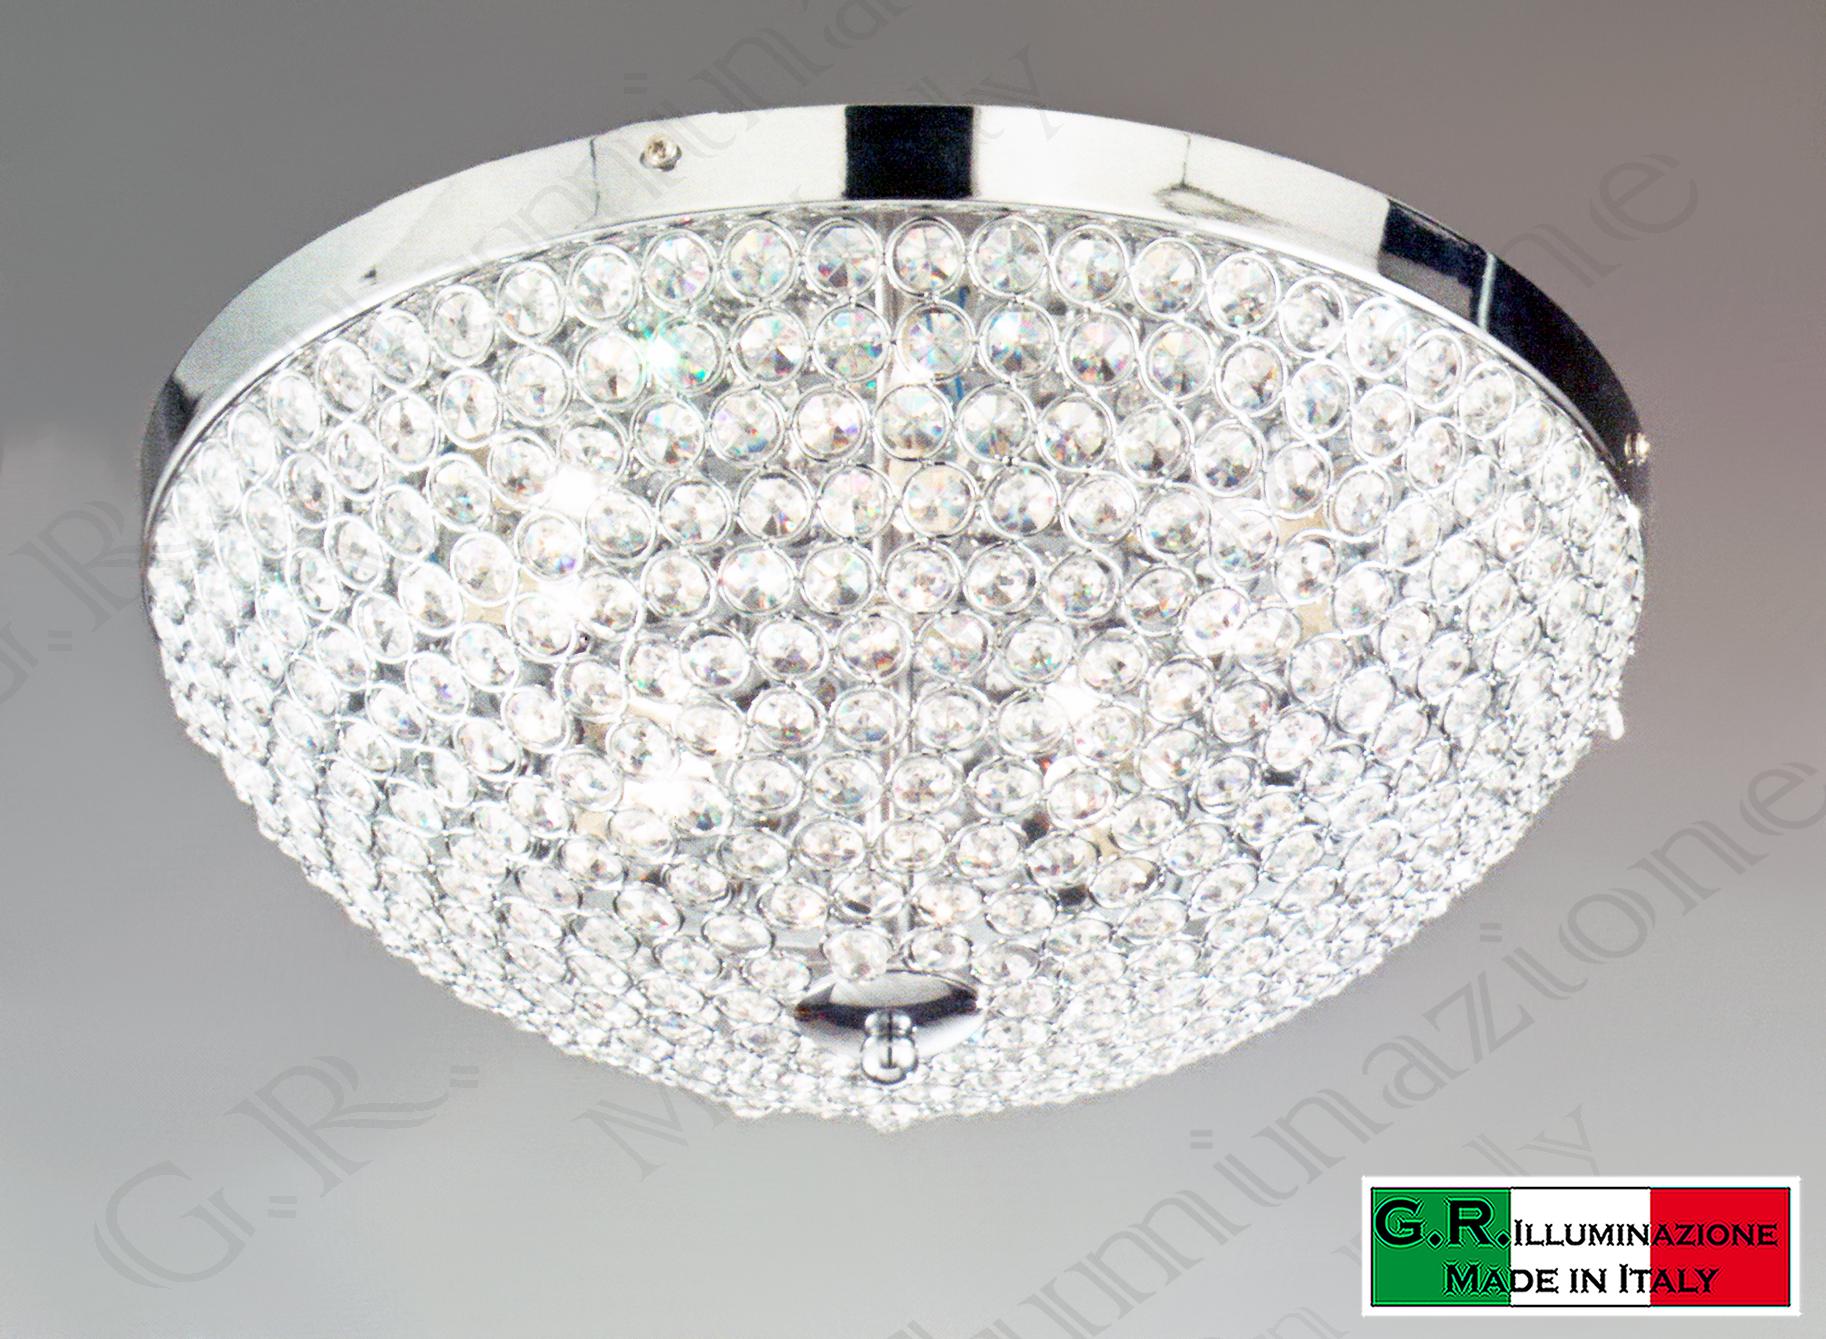 Plafoniere Soffitto Cristallo : Lampadario plafoniera soffitto moderna cromata luci cromo